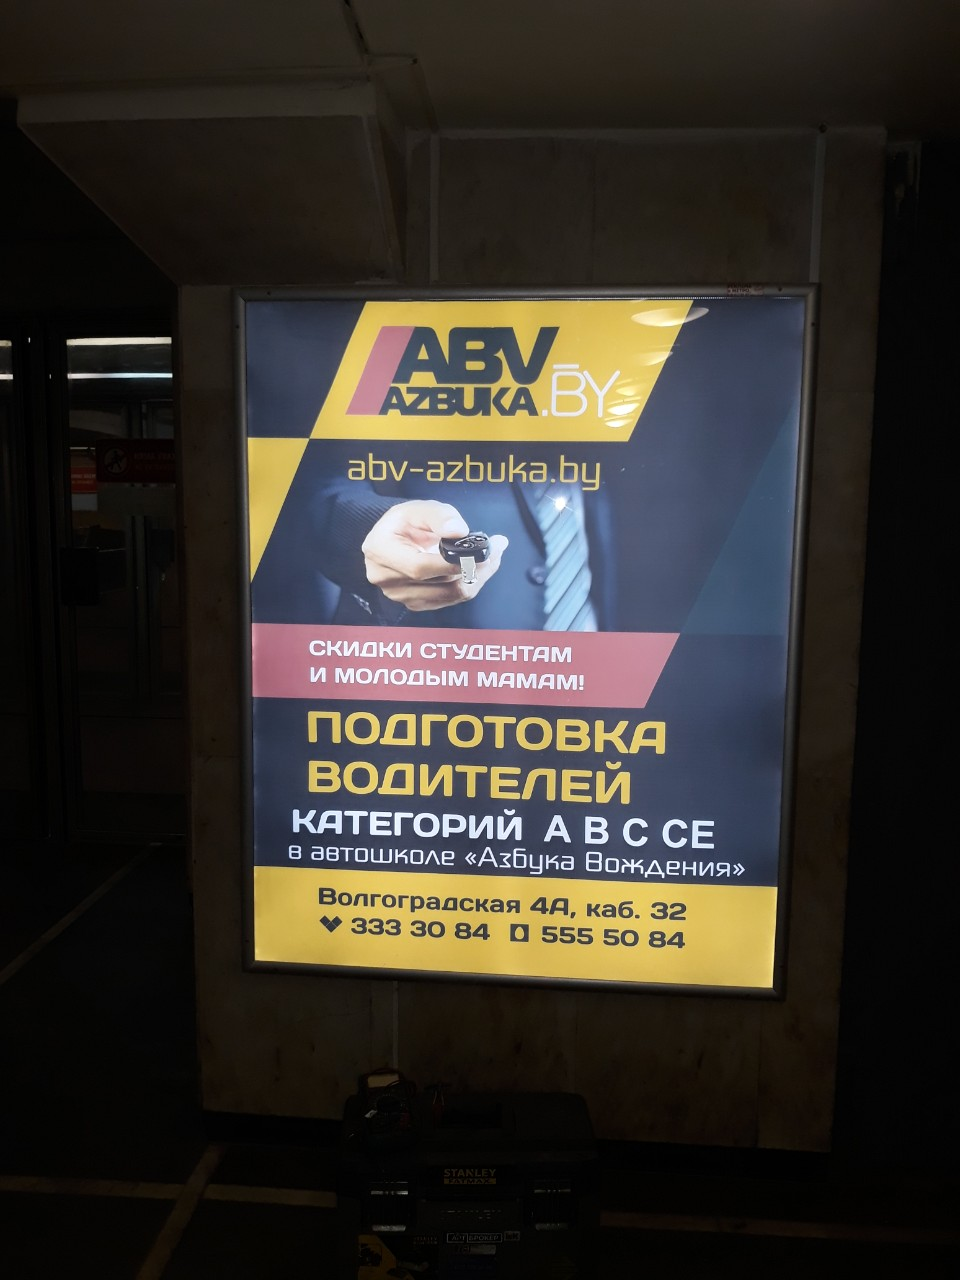 Ультраяркий световой лайтбокс на станции метро Октябрьская (переход) reklama-on.by